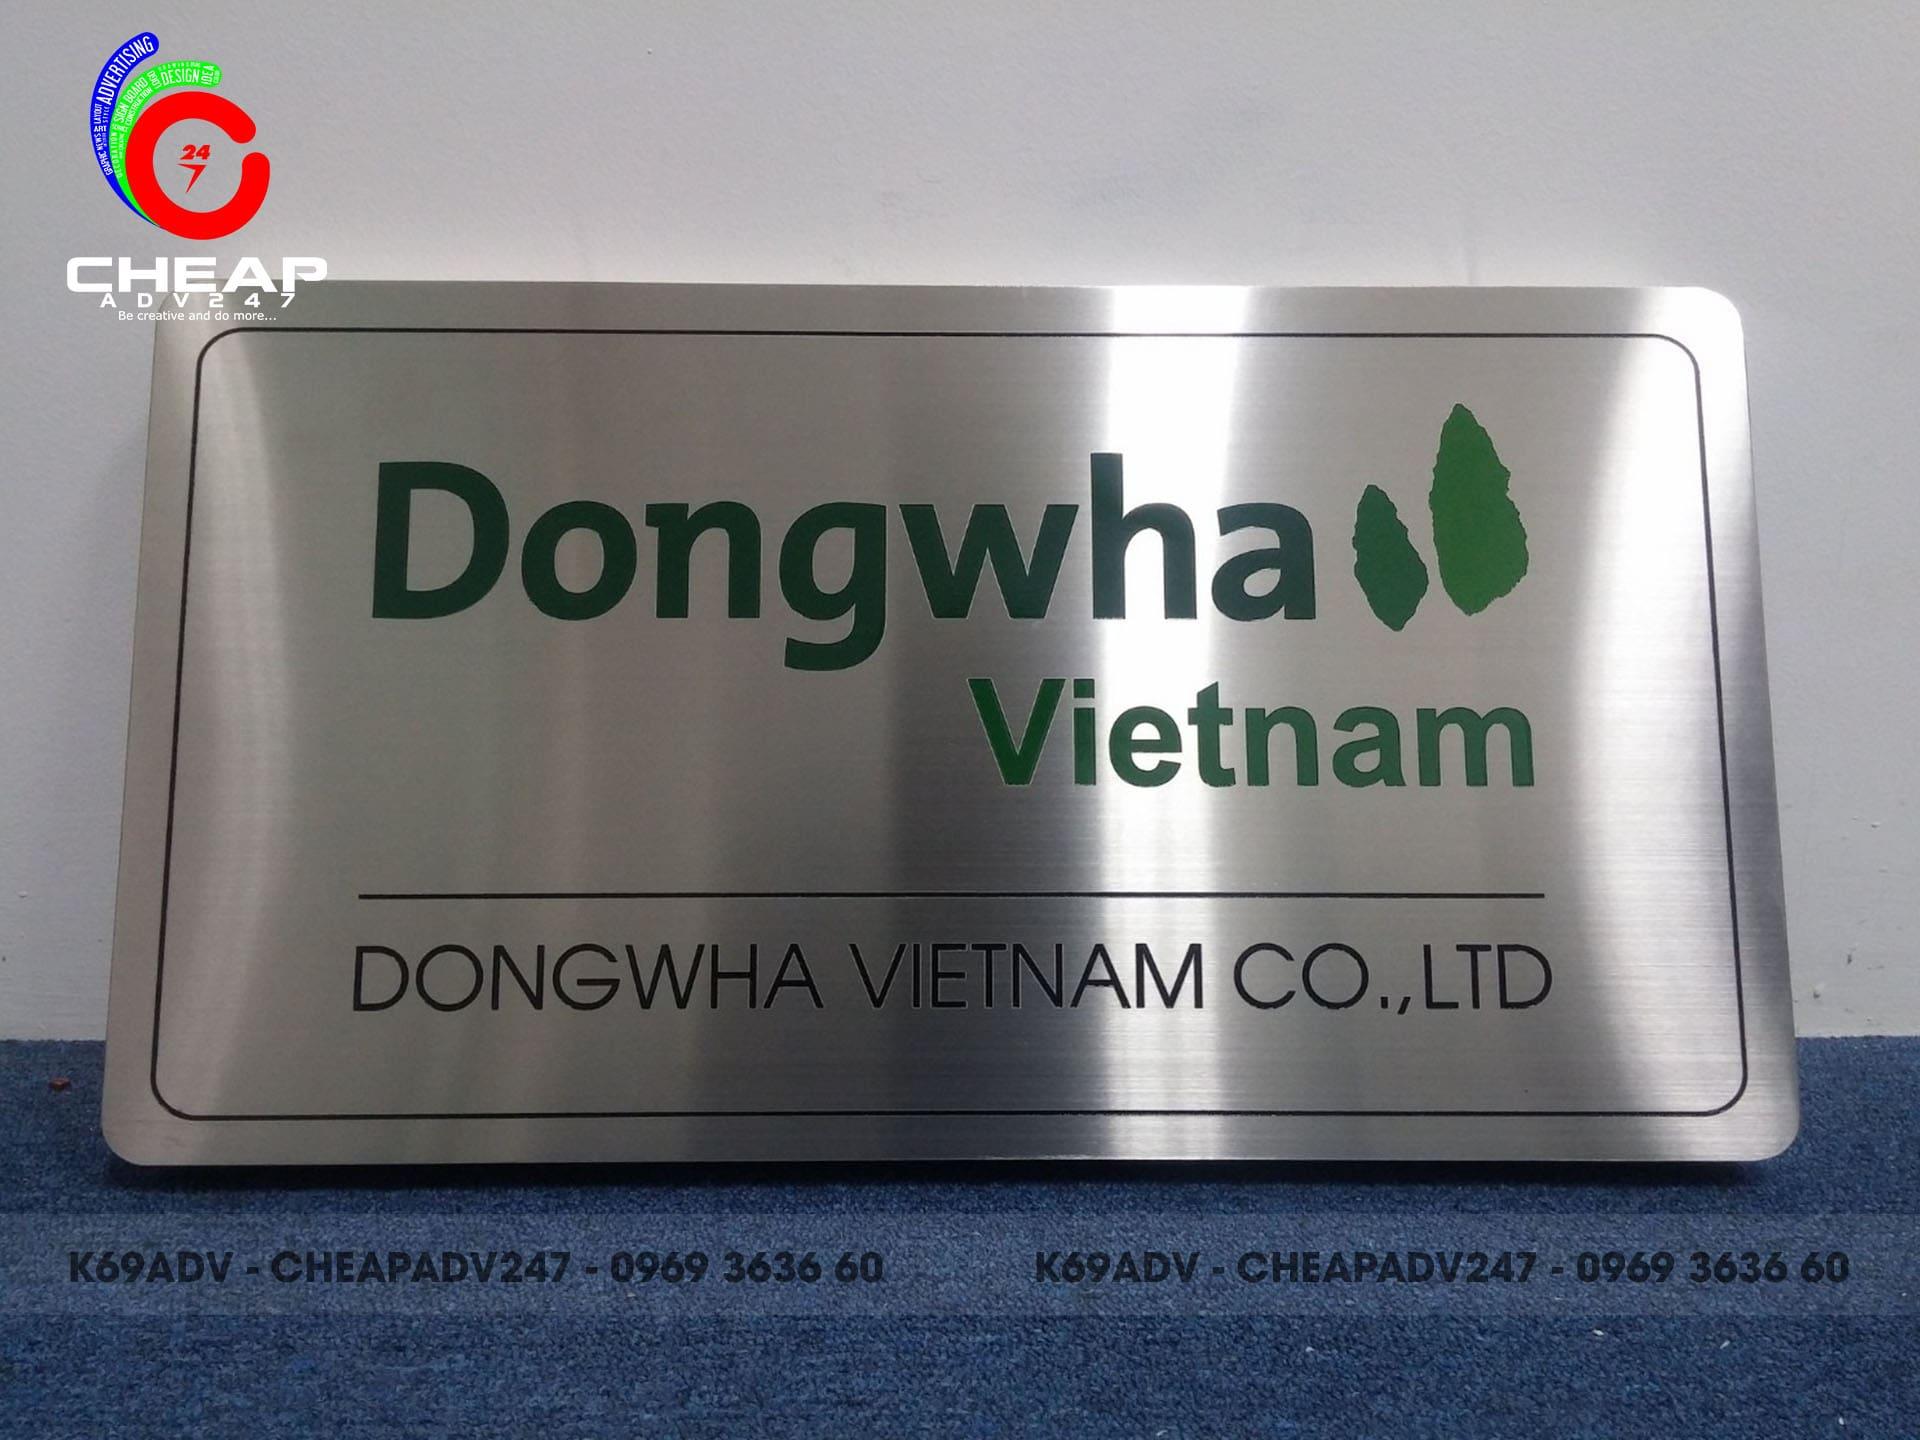 Ảnh làm bảng hiệu công ty dongwha Việt Nam